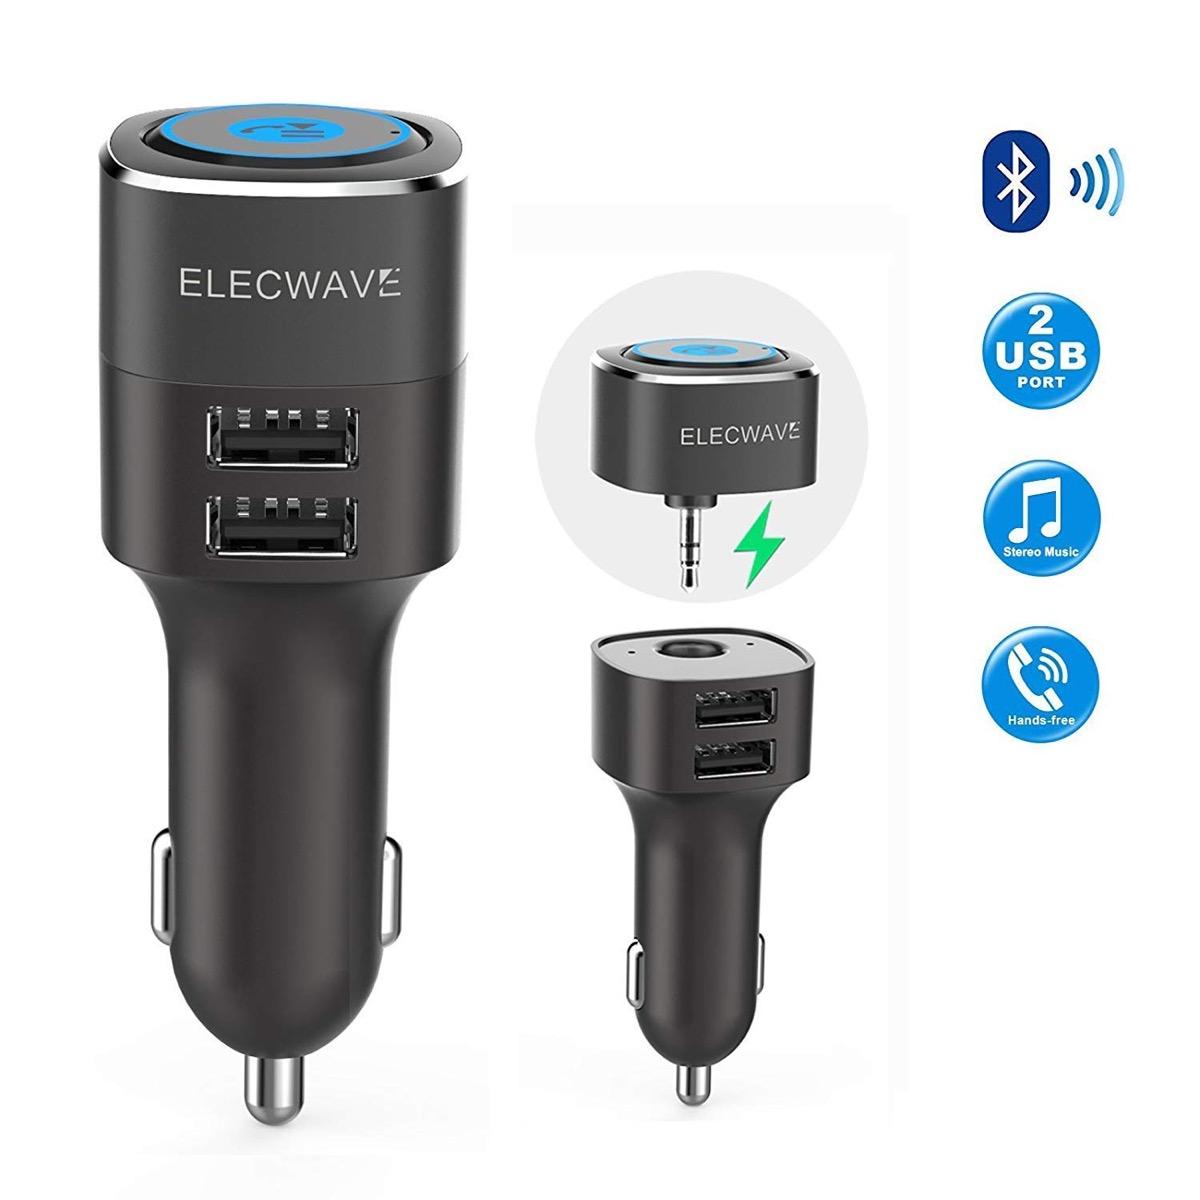 Caricatore USB per auto con ricevitore AUX Bluetooth in sconto a 10,18 euro